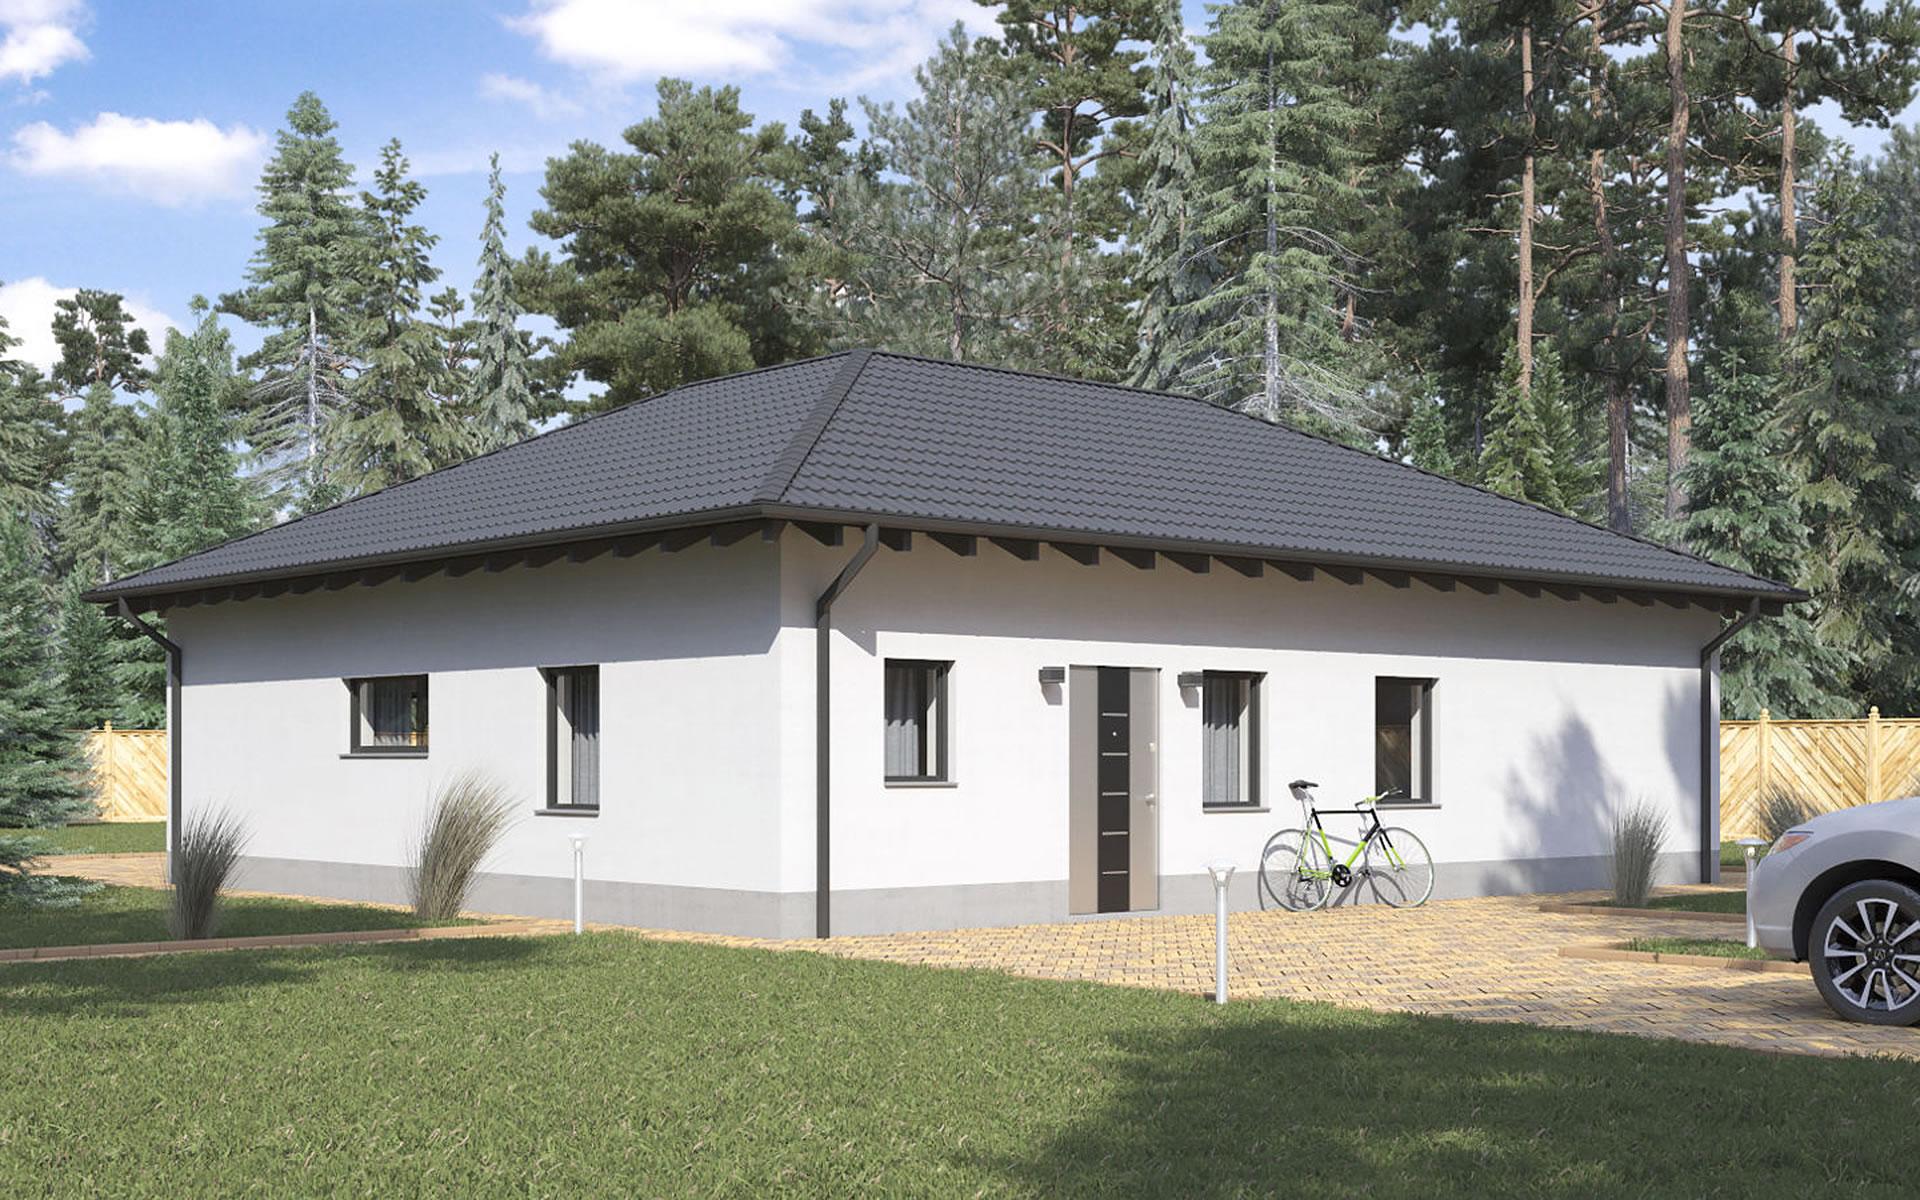 Bungalow BS 100 von B&S Selbstbausysteme GmbH & Co. KG